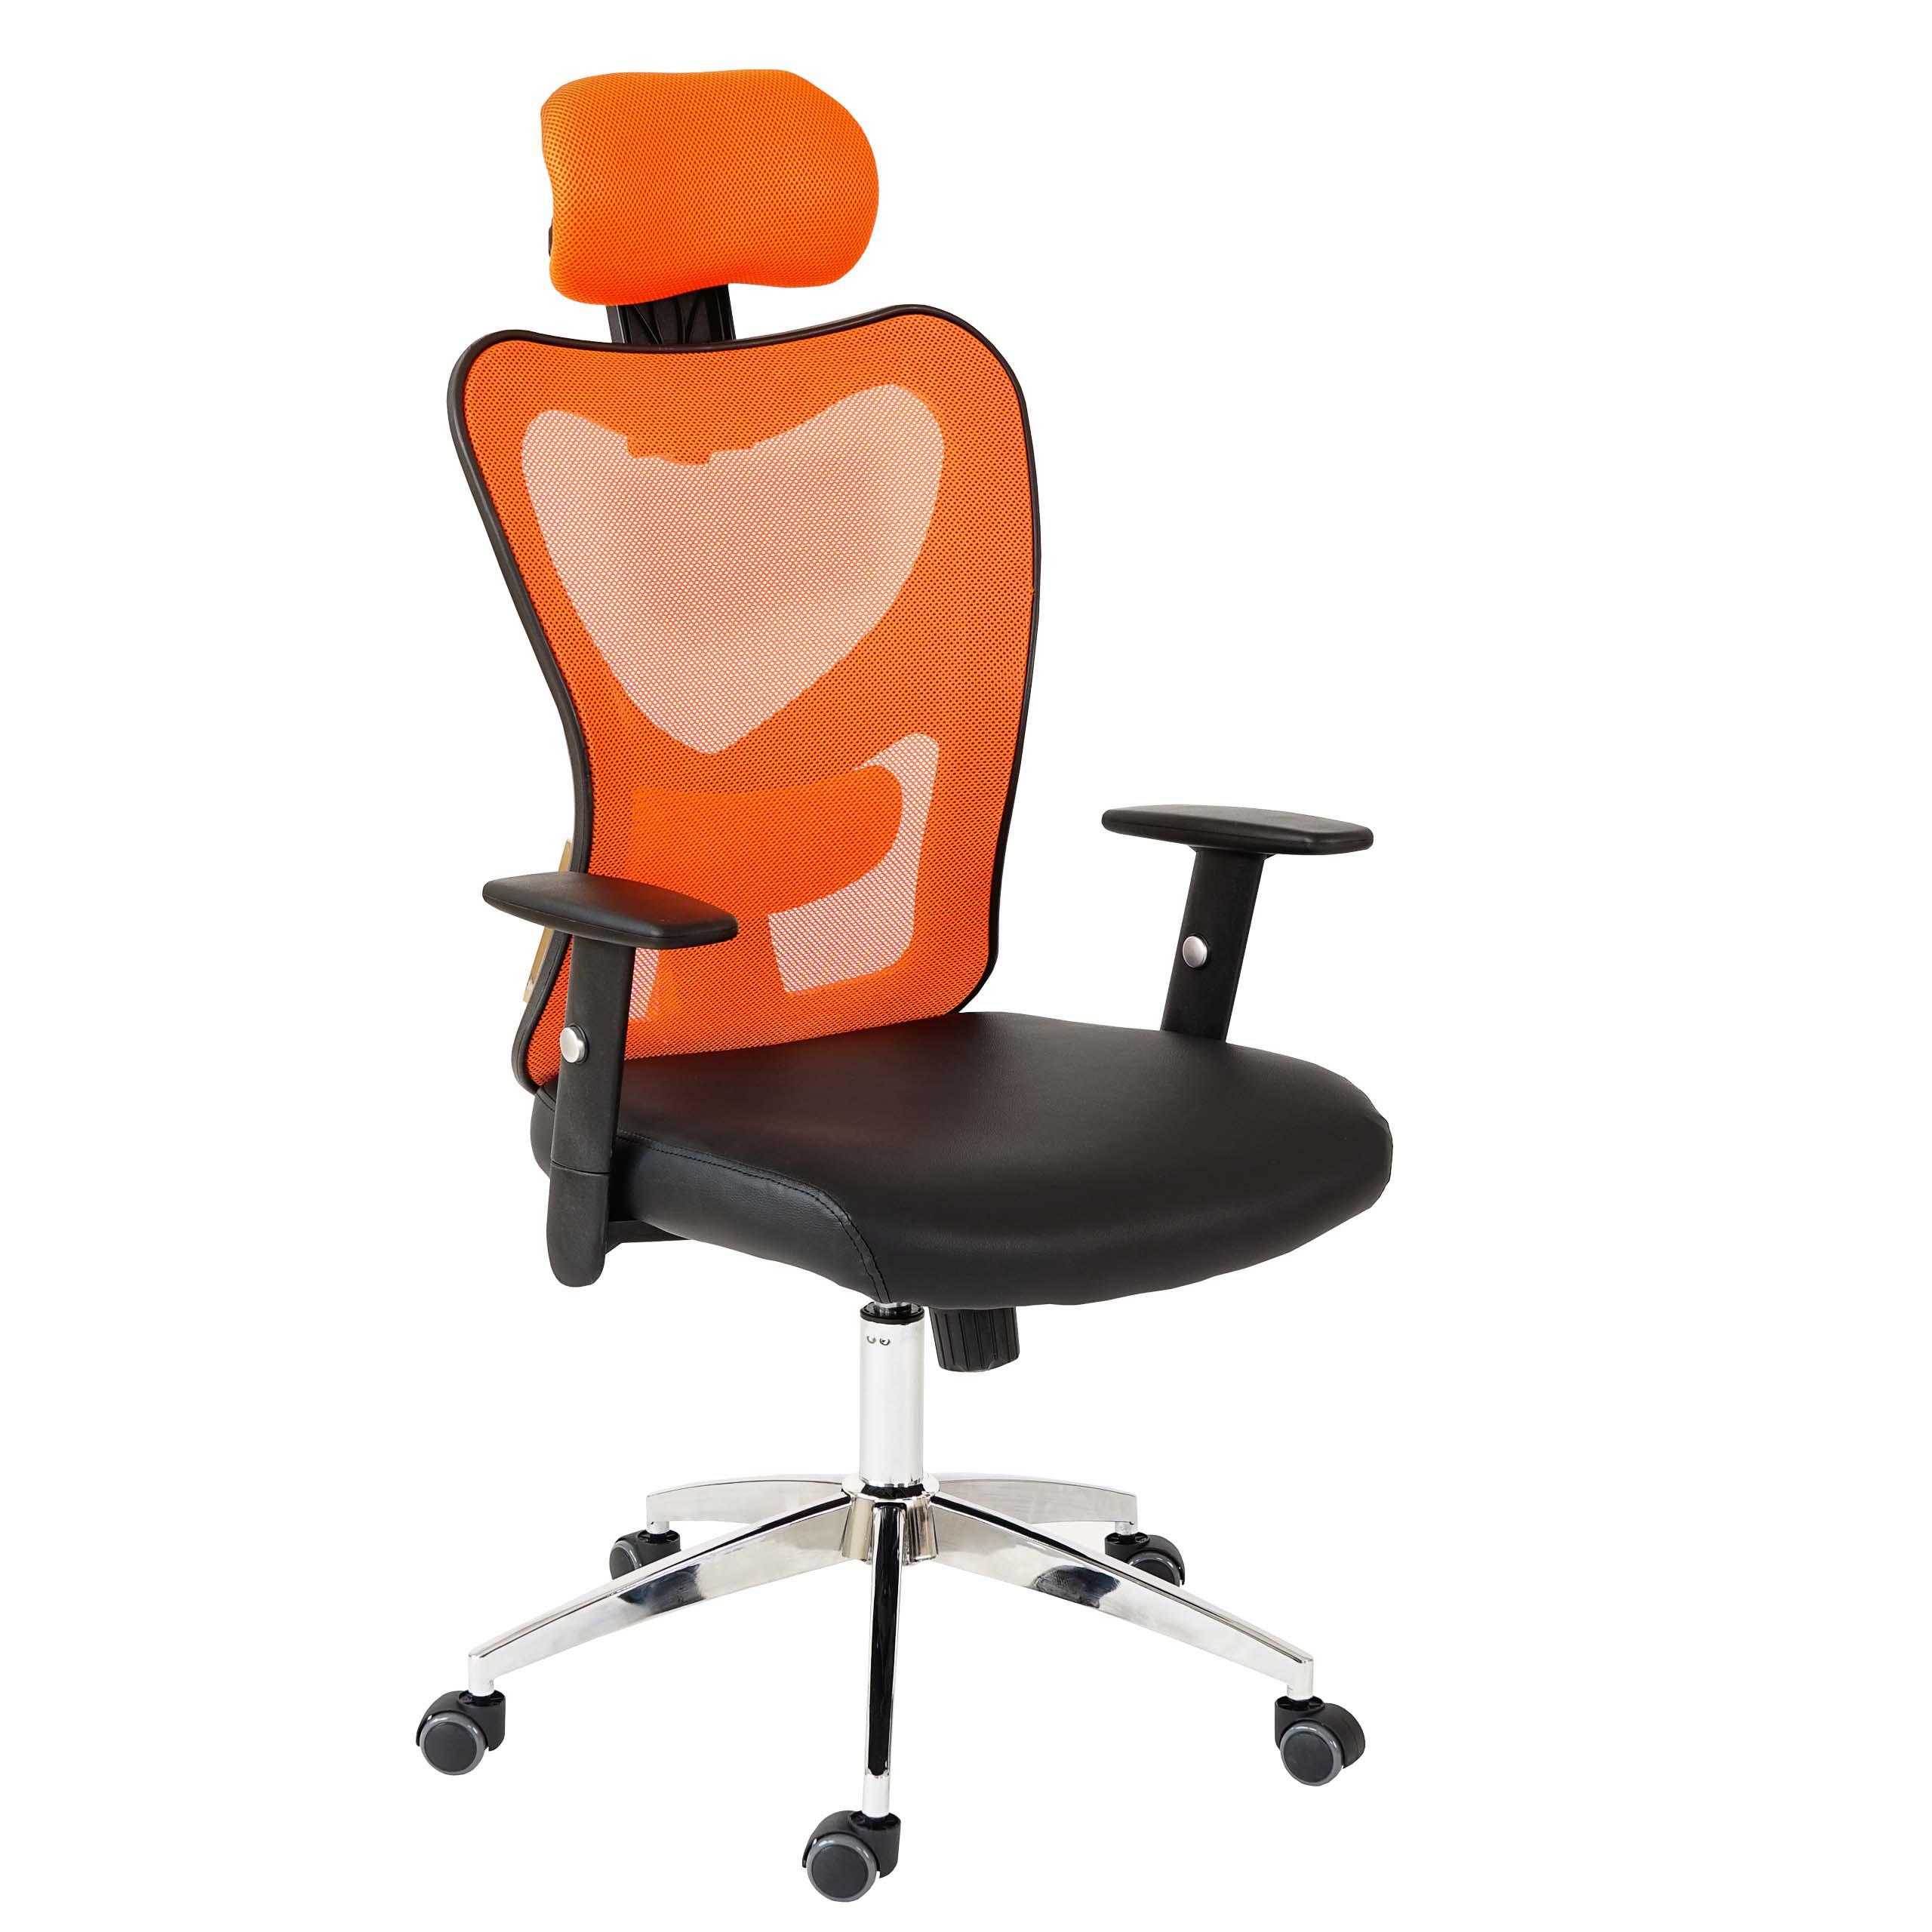 fabulous se da ufficio ergonomiche zelia con sostegno lombare e schienale in rete with se ufficio ergonomiche